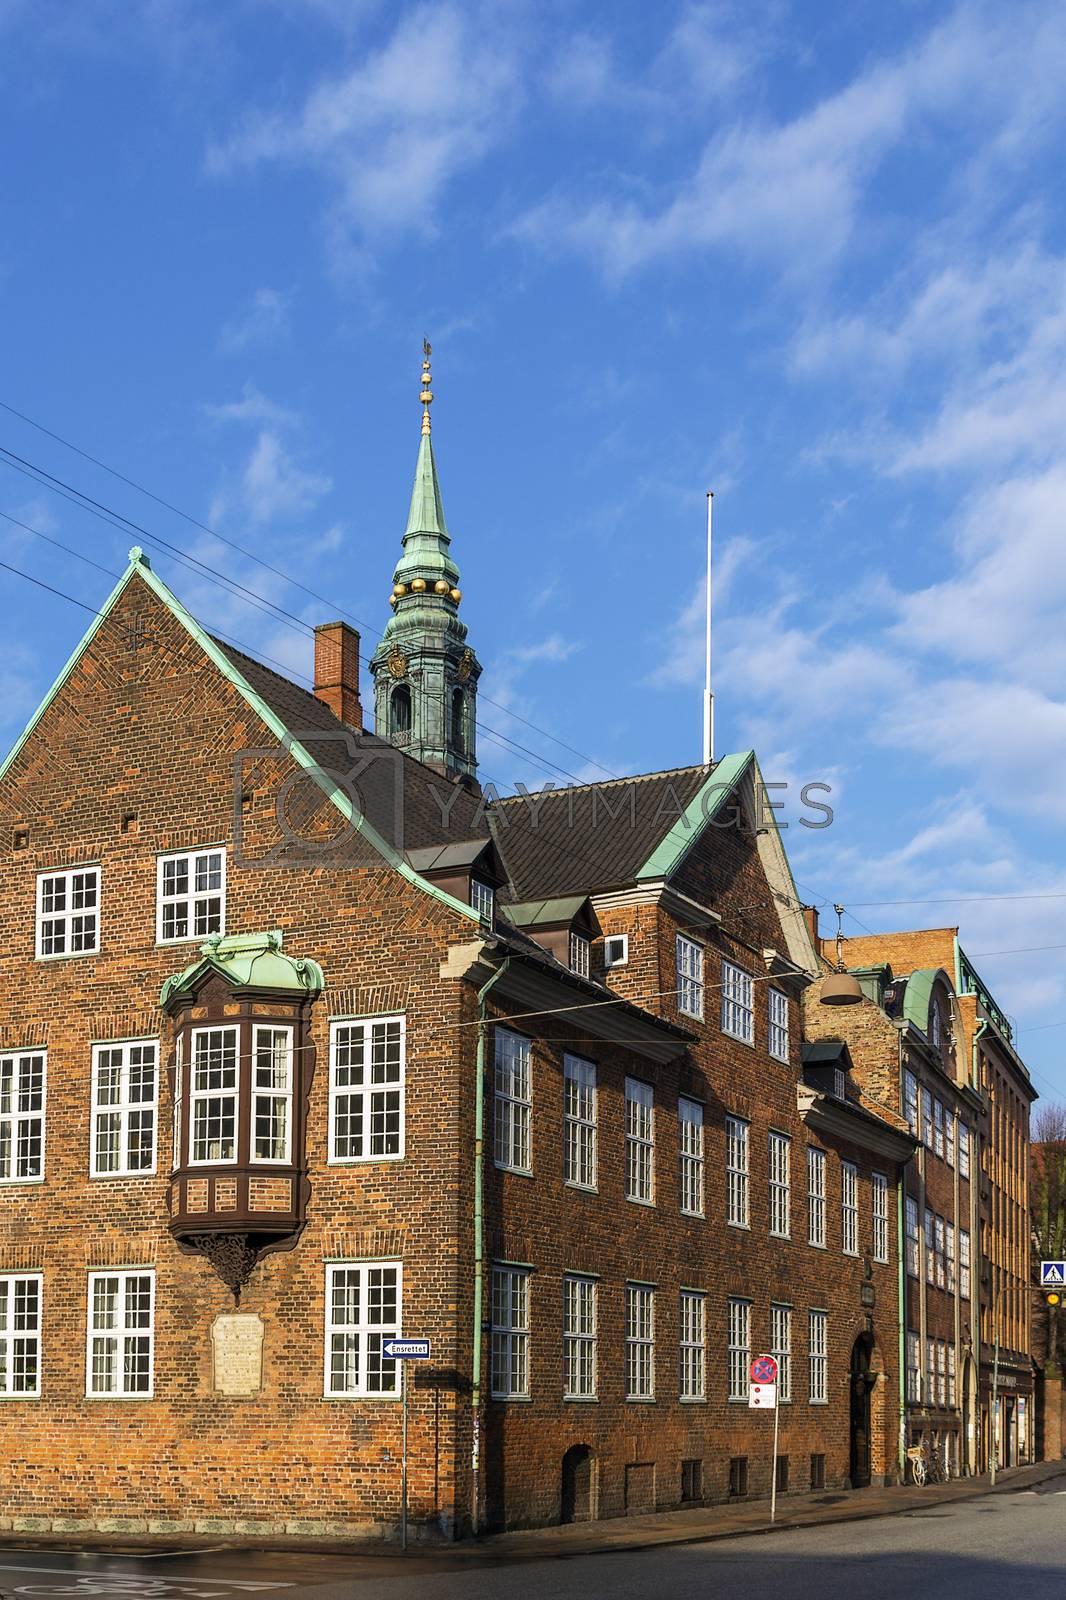 Street in the old town of Copenhagen, Denmark. by borisb17